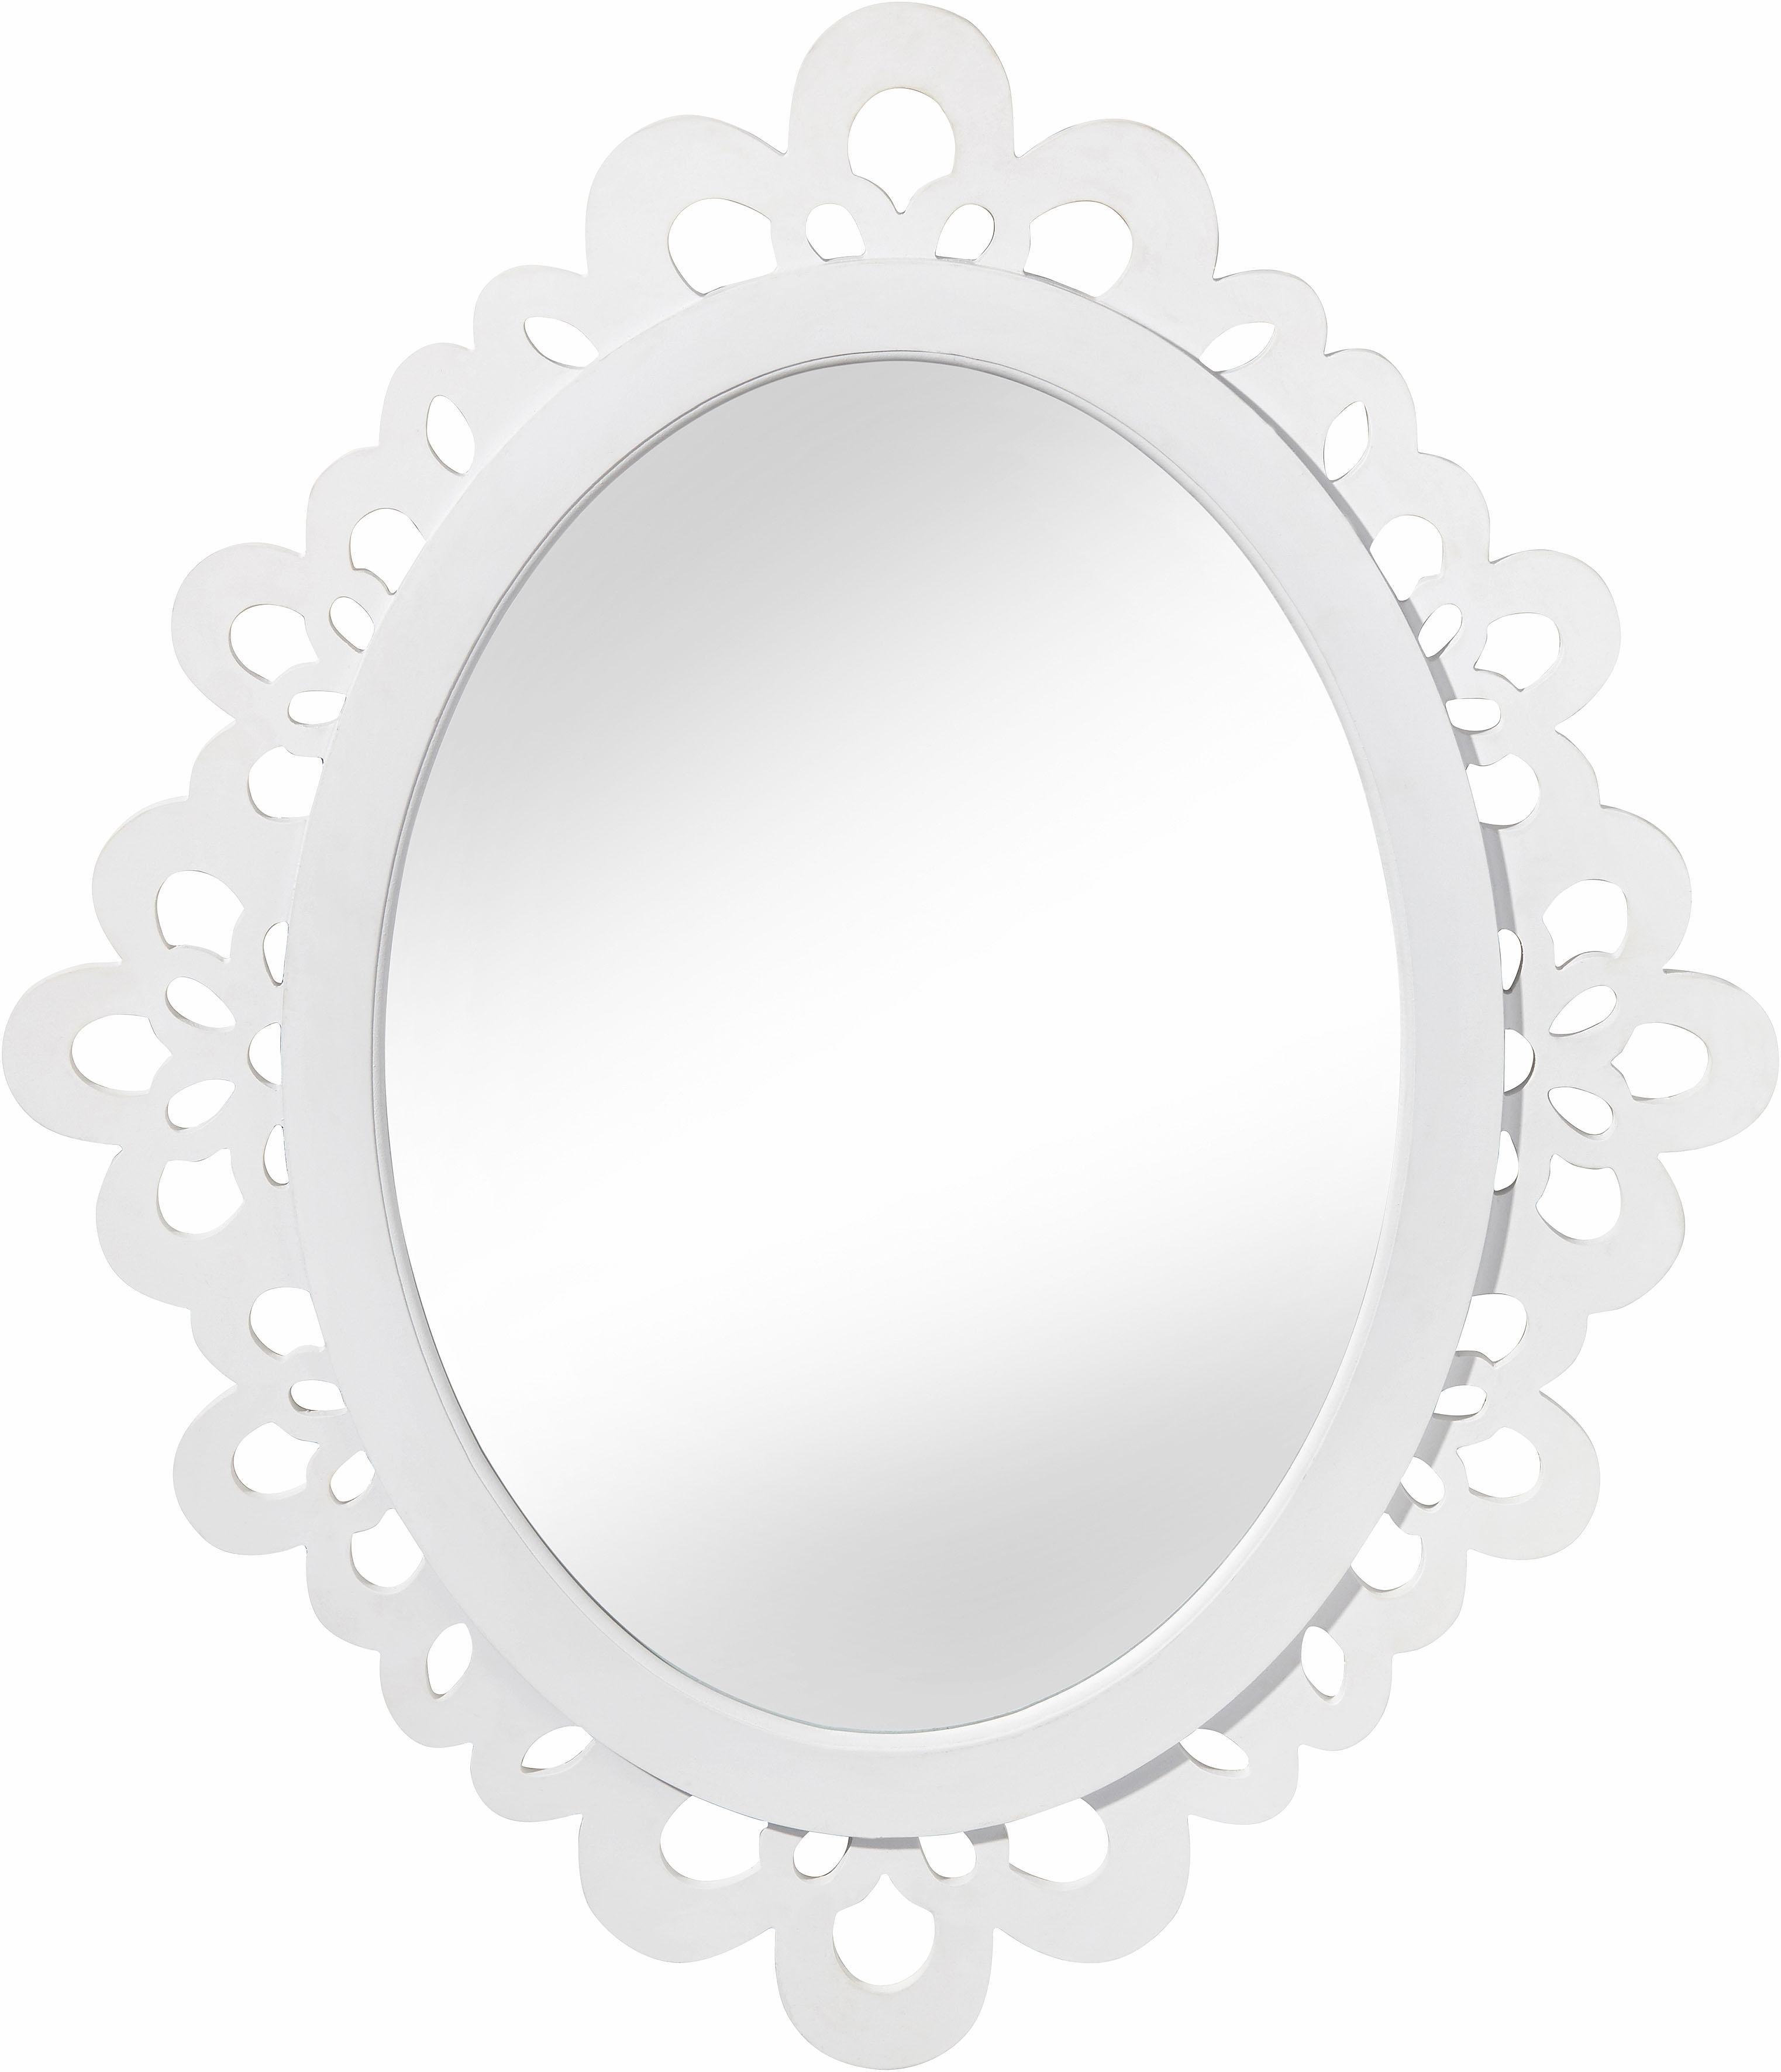 Home Affaire spiegel bestellen: 14 dagen bedenktijd